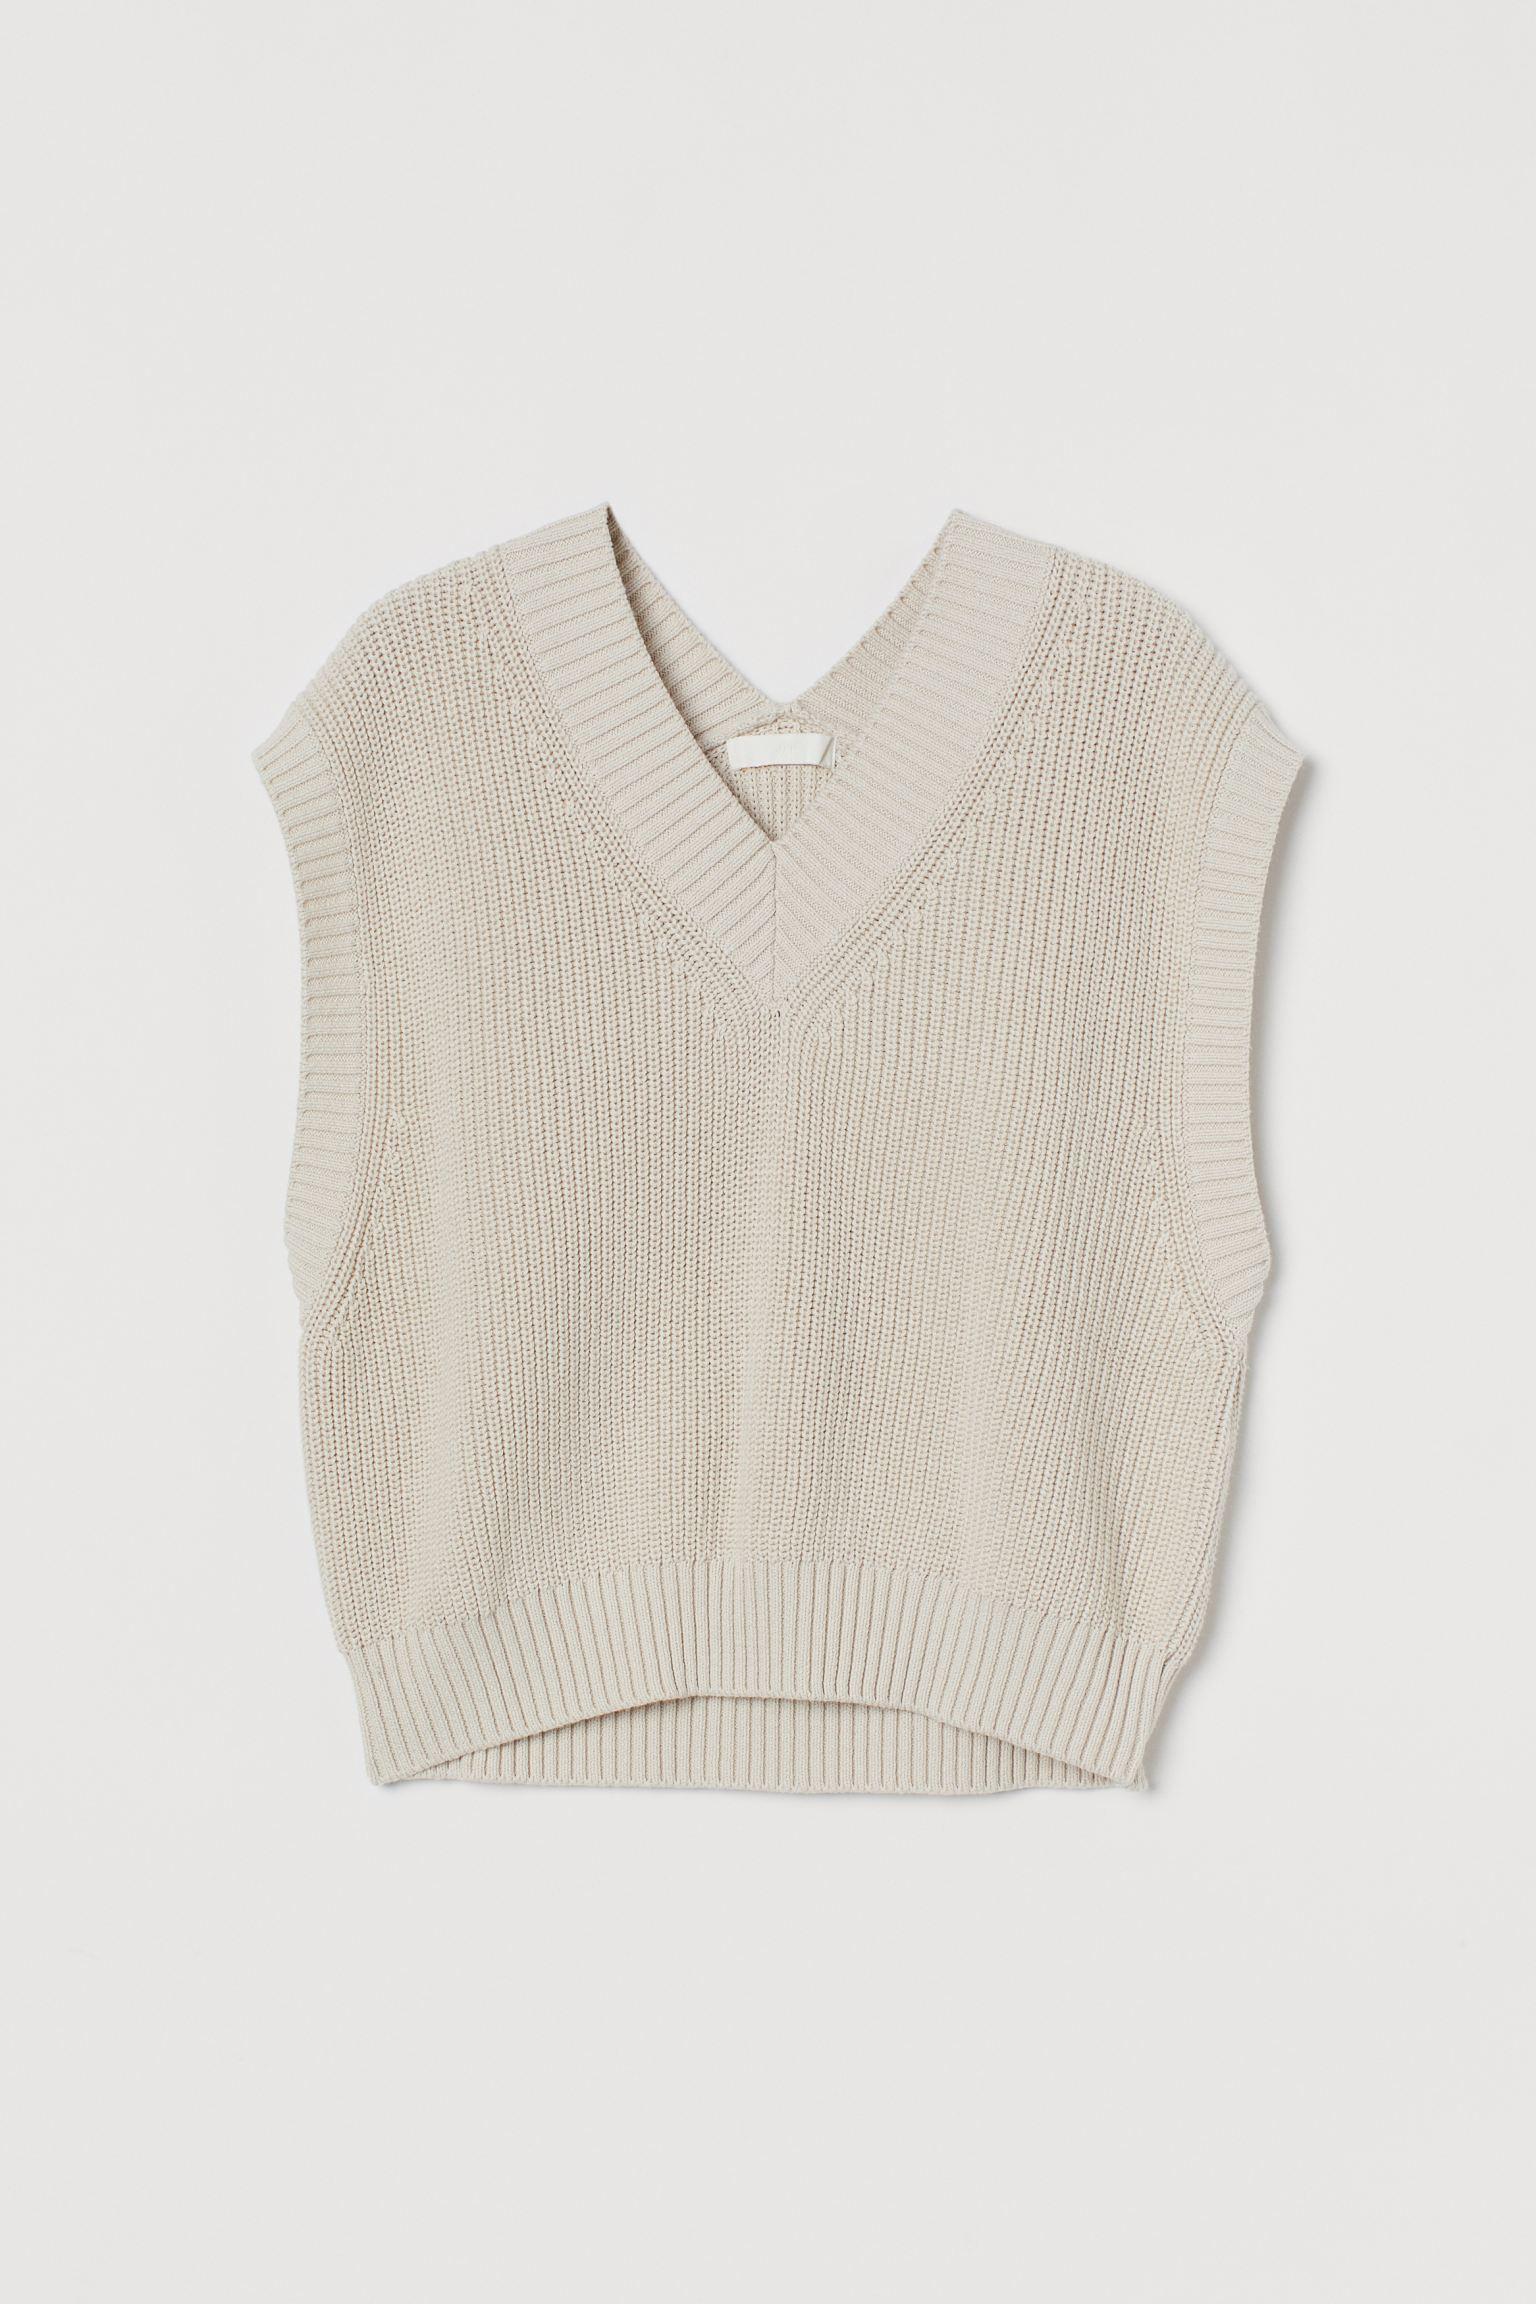 Suéter sin mangas en tejido de algodón suave. Modelo con escote en V, costuras ligeramente desplazadas en los hombros y remate de canalé en cuello, sisas y bajo.